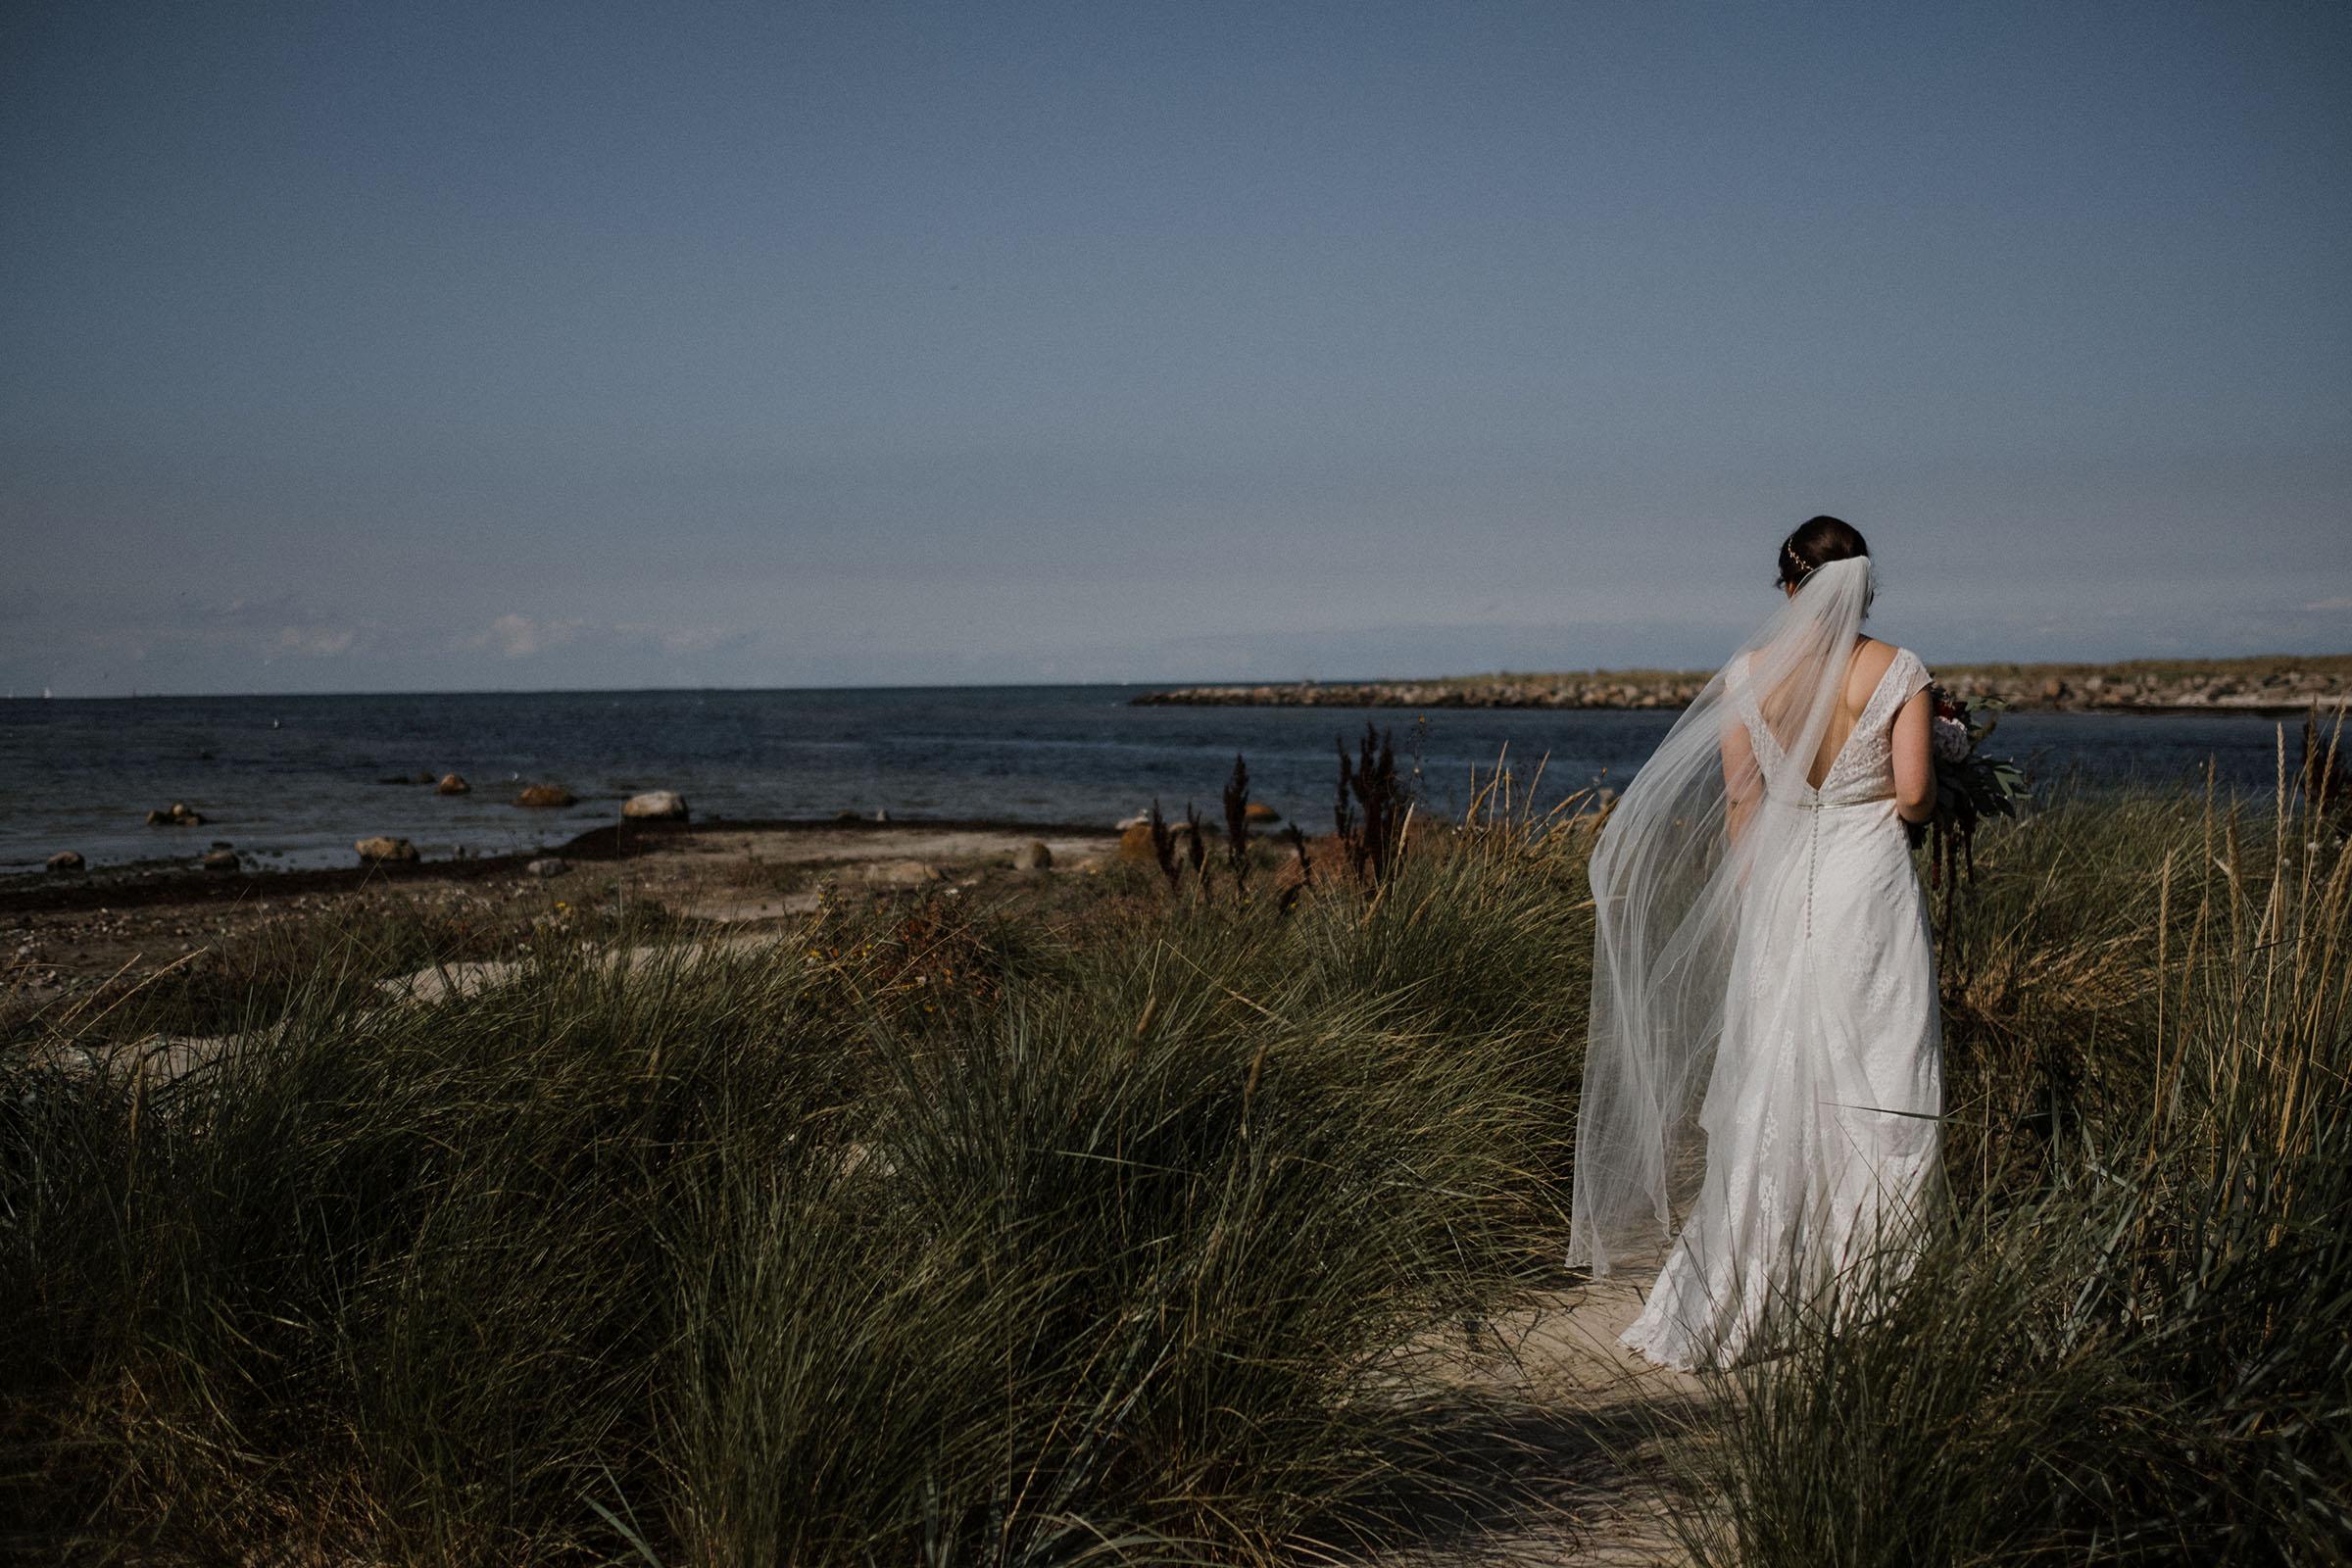 Hochzeitsfotografie in Kiel_Frau-Siemers_Falkensteiin_Portraitaufnahme des Brautpaares_Rückenaufnamhe der Braut, die aufs Meer blickt.